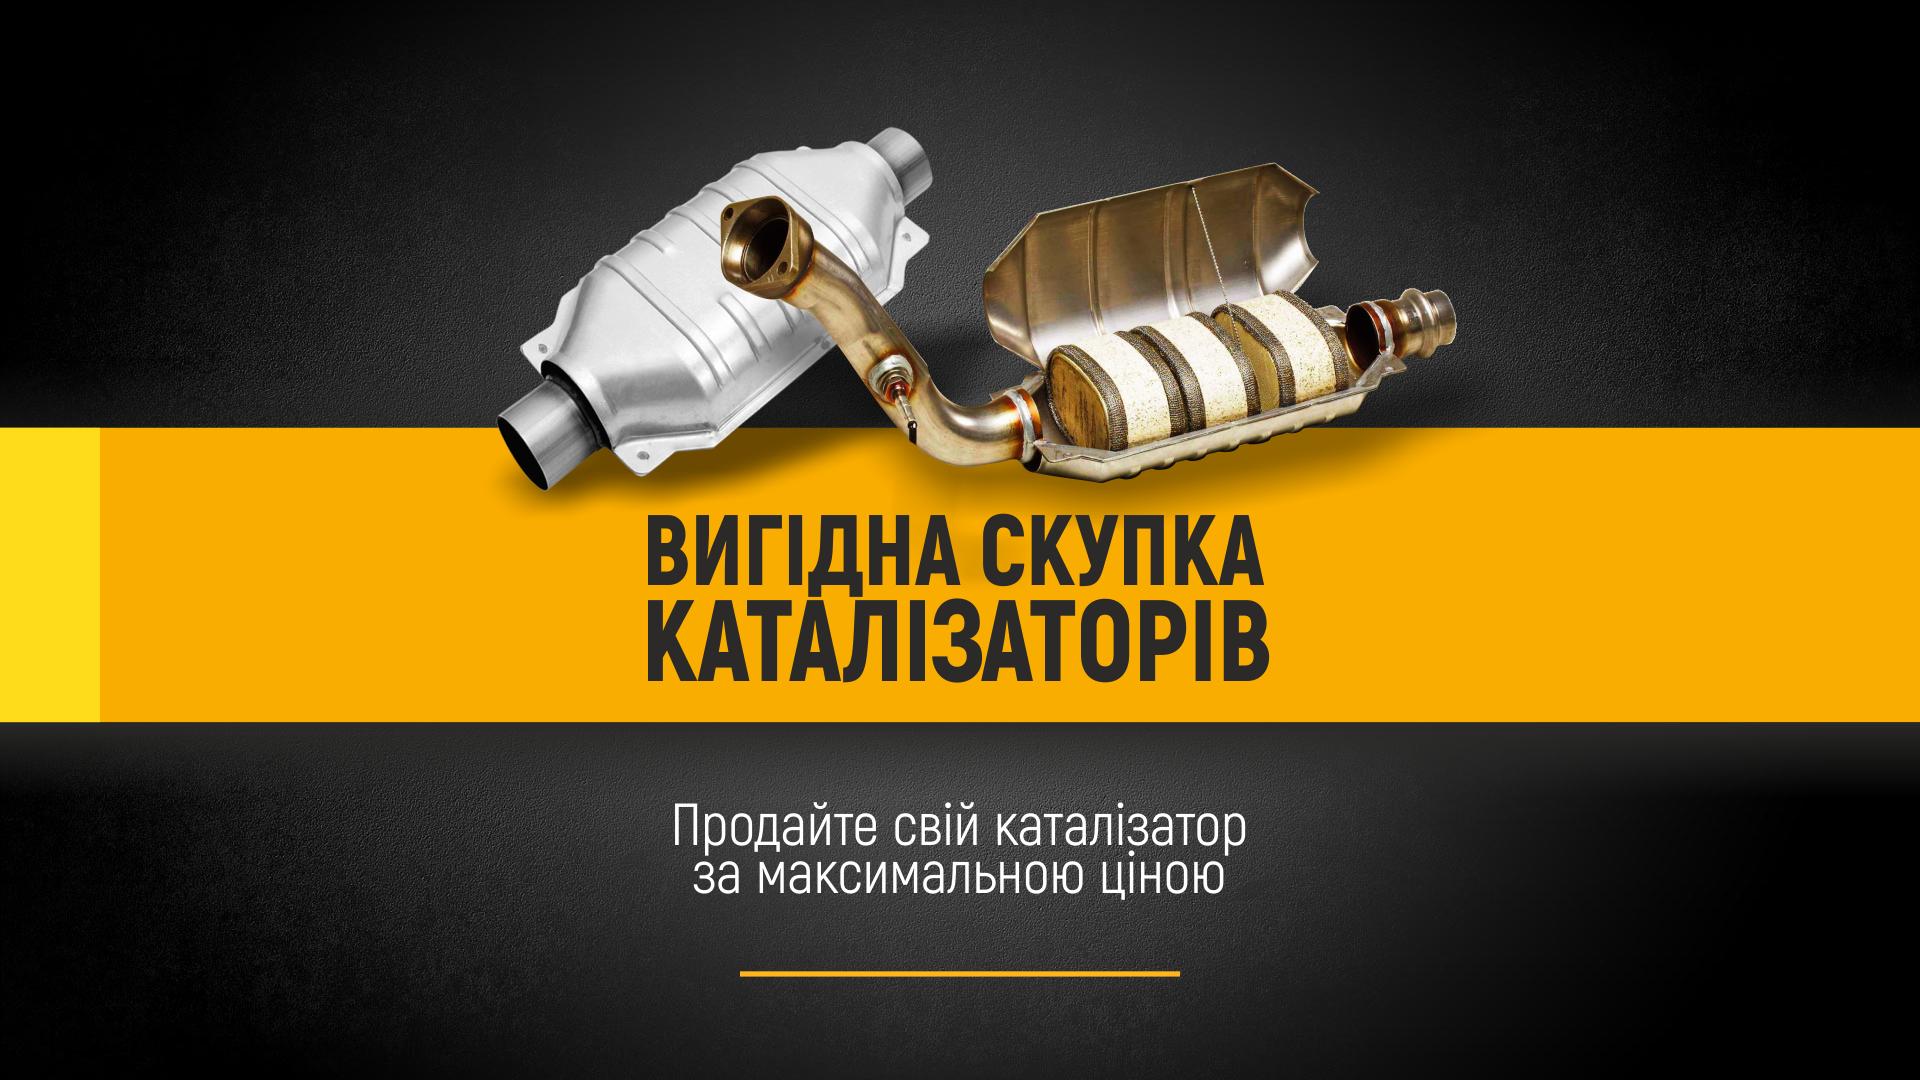 Скупка катализаторов - самая выгодная цена за ваш катализатор